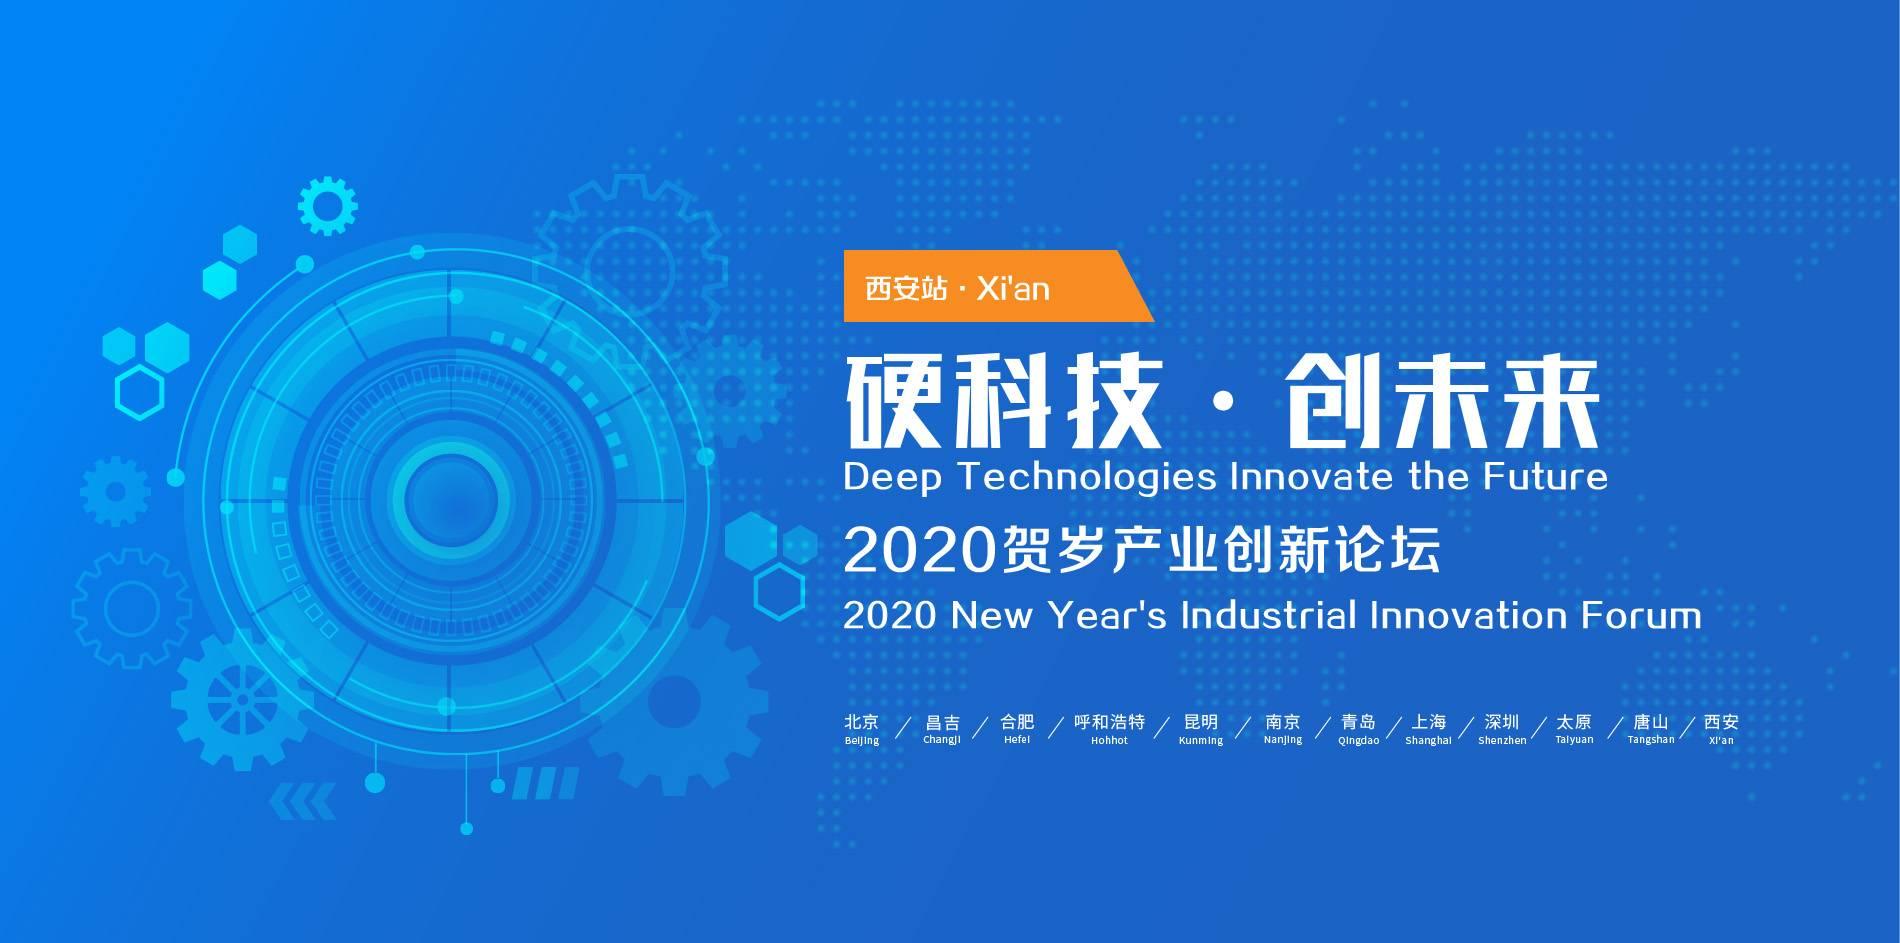 【活动】硬科技·创未来--2020贺岁产业创新论坛·西安站-亿欧